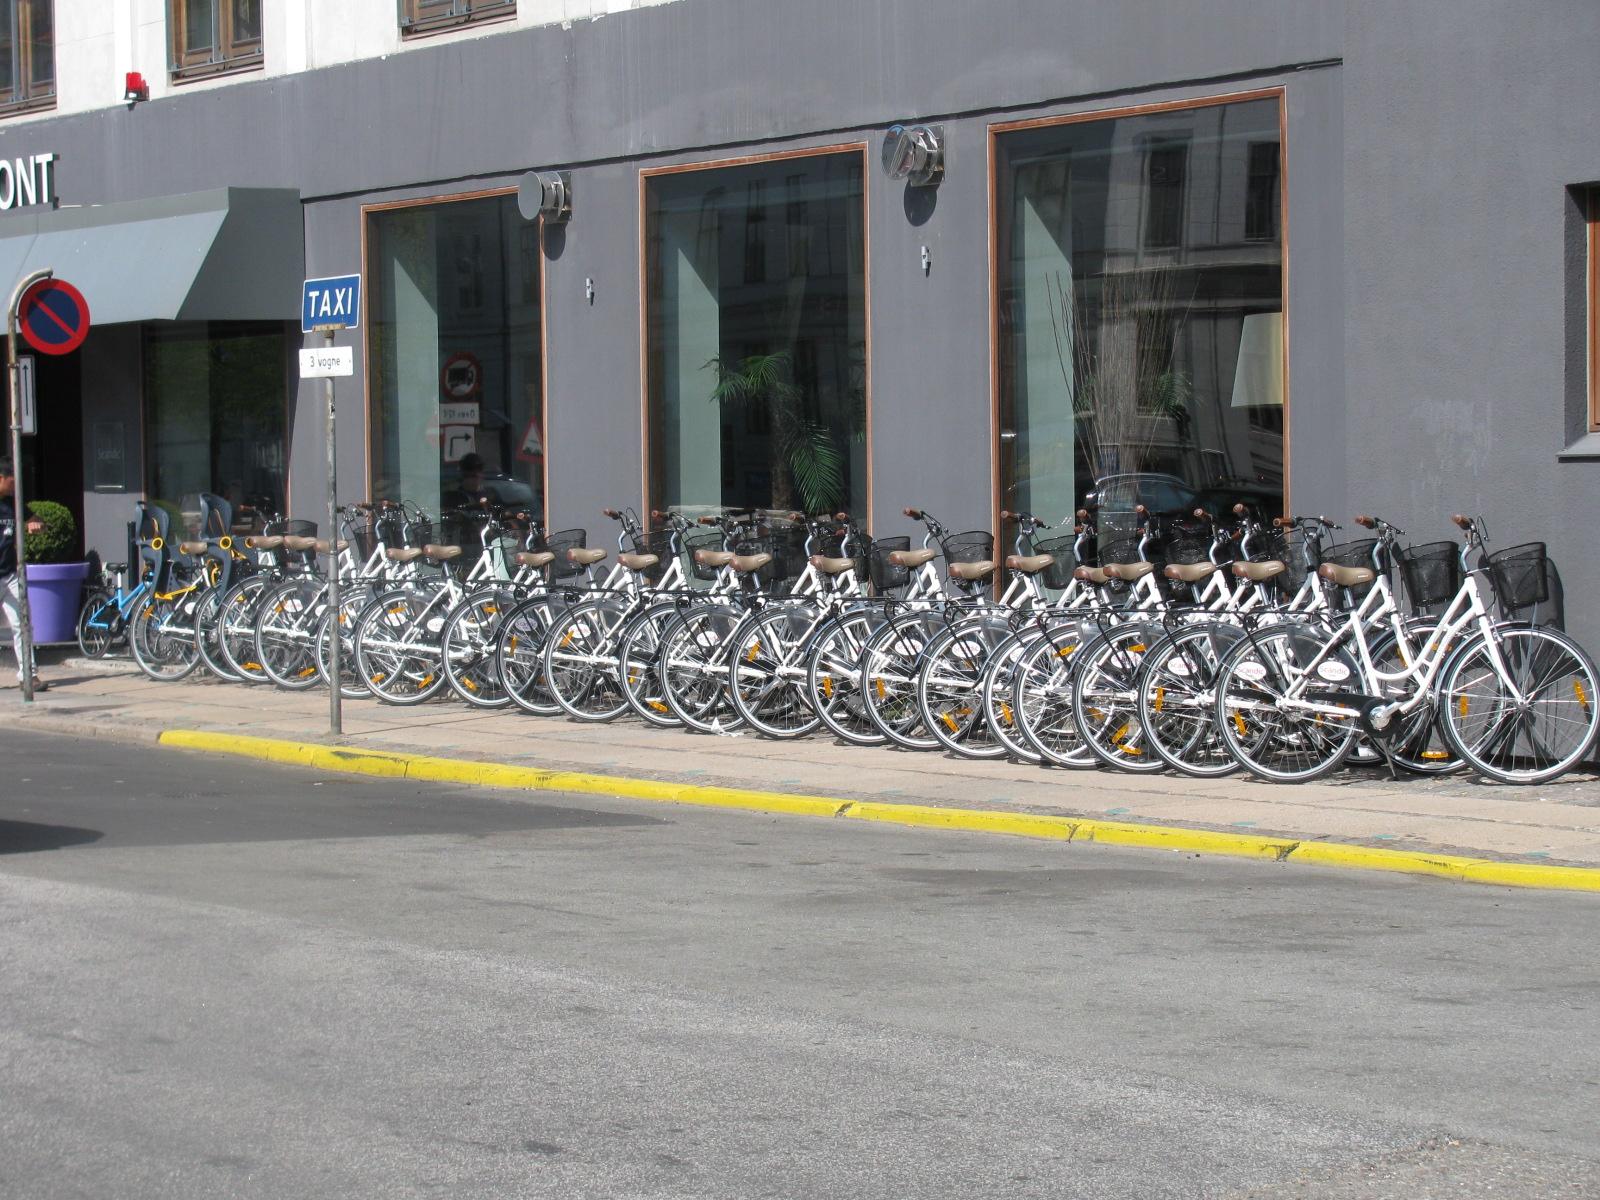 Hotel_cykel_levering